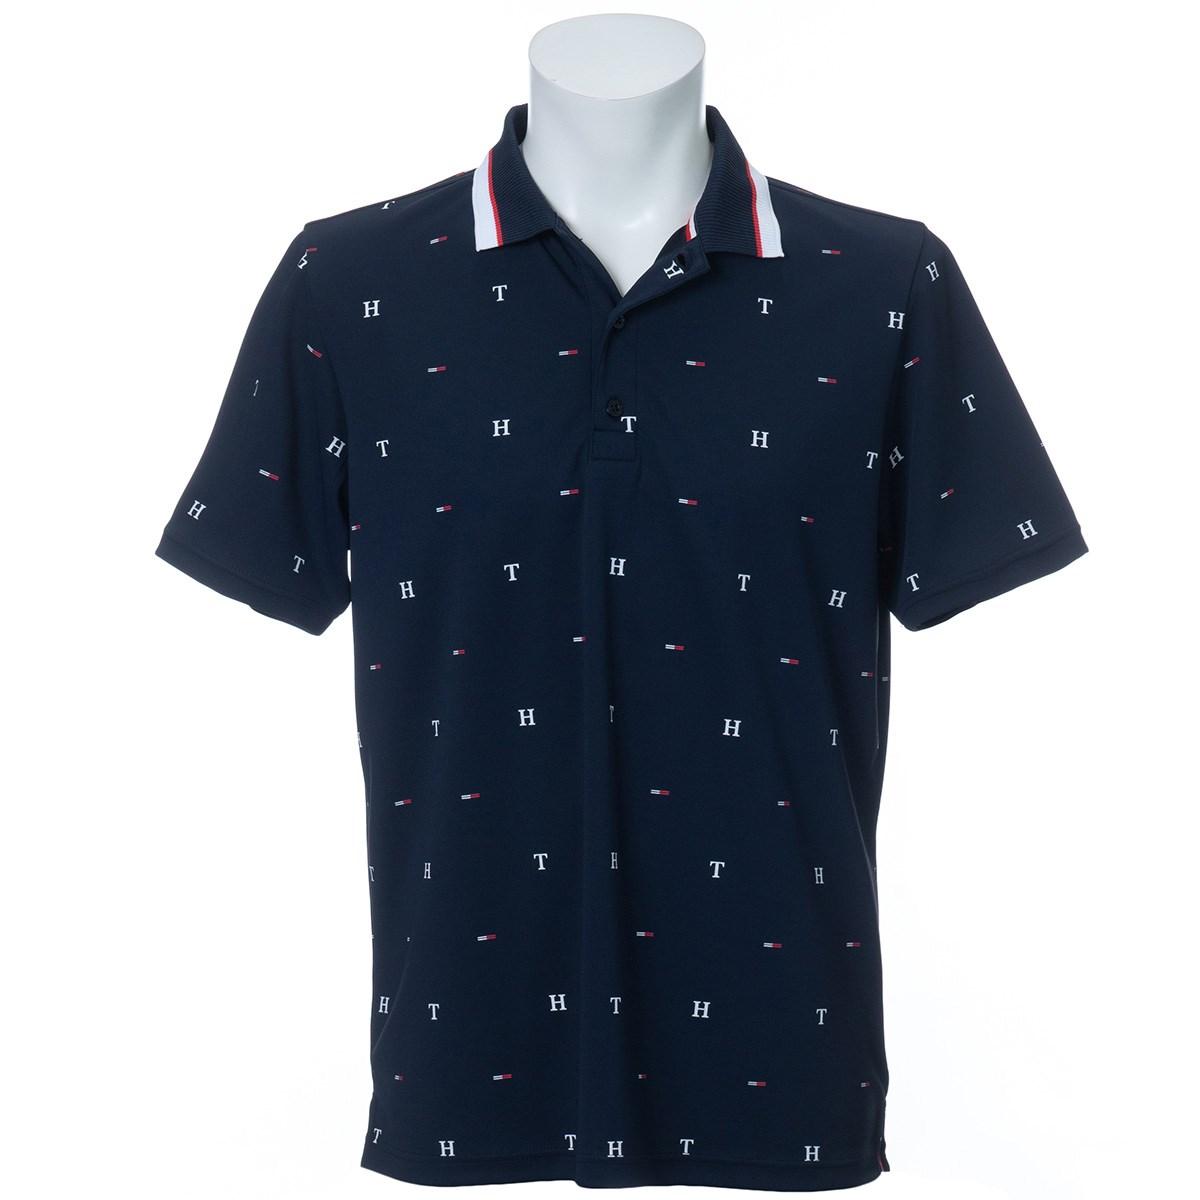 トミーヒルフィガー(Tommy Hilfiger) TH&FLAG モノグラム 半袖ポロシャツ